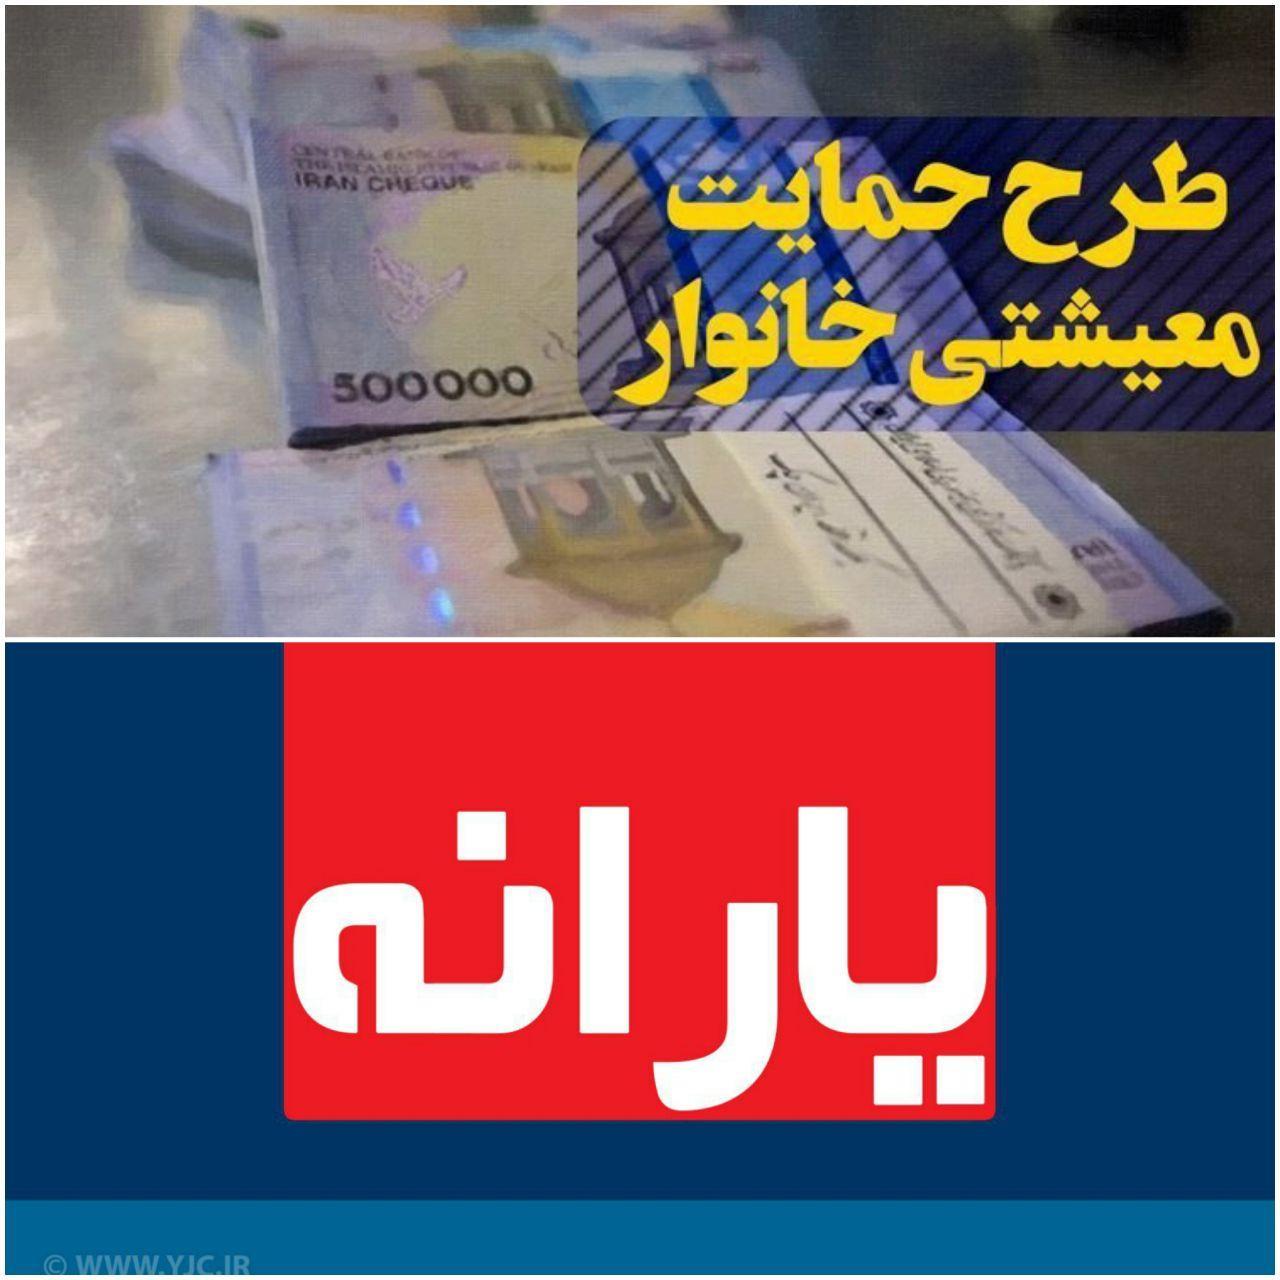 صفر تا صد ۷۲ هزار تومانی شدن یارانه و بسته معیشتی/ دولت مخالف مصوبه مجلس؟